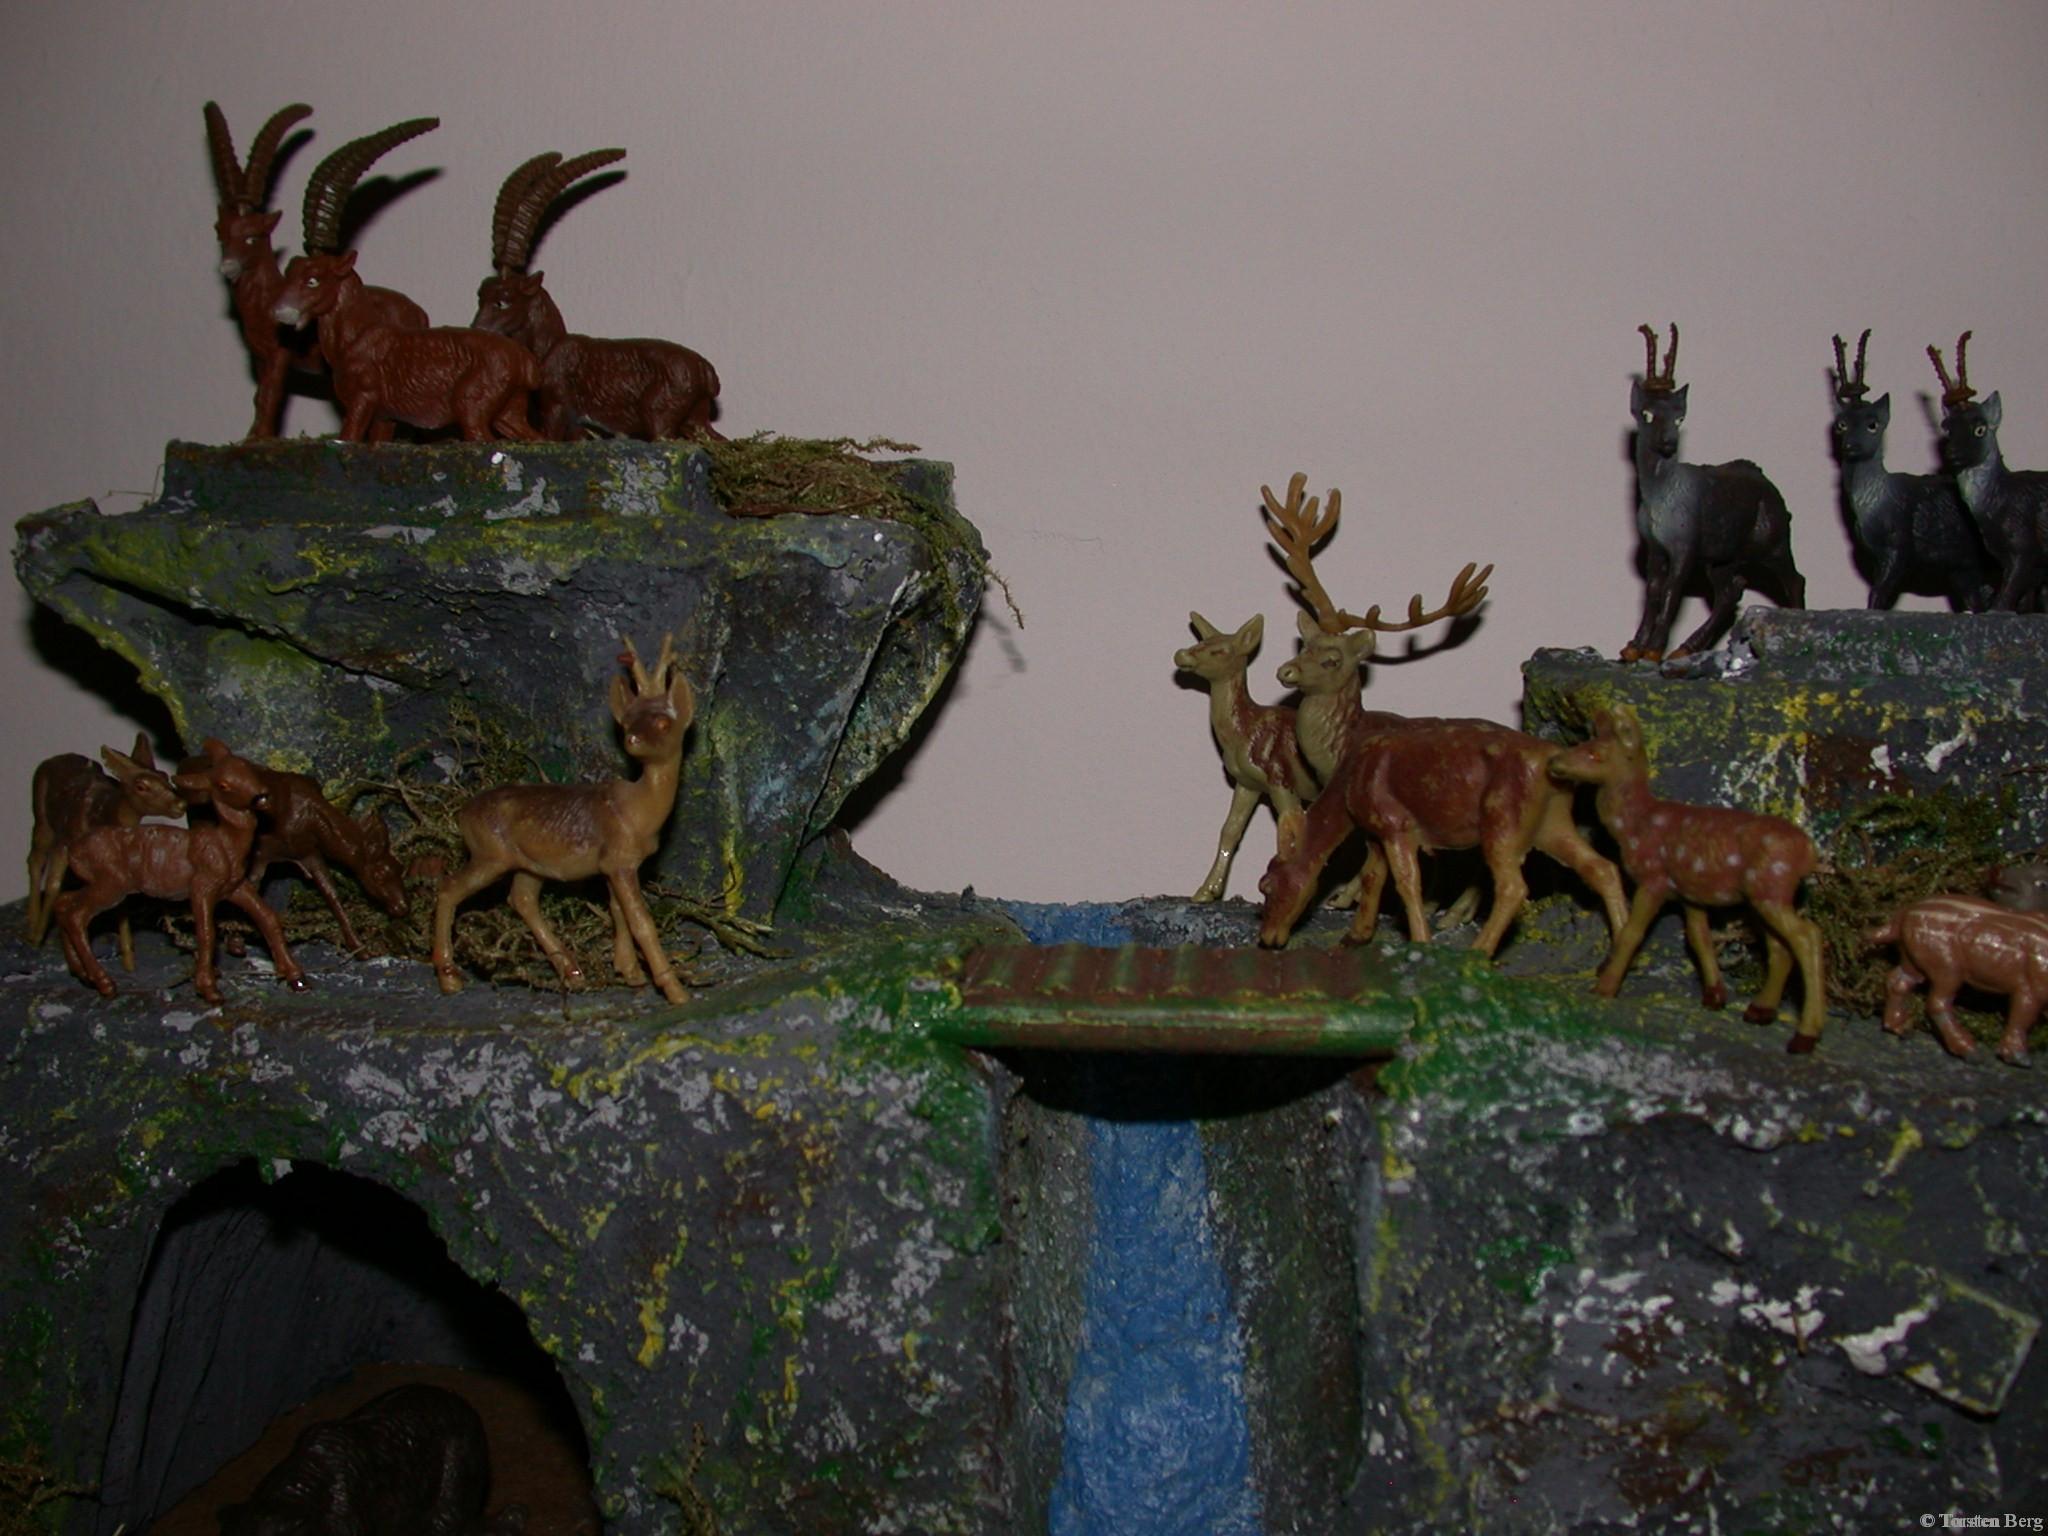 DDR Spielzeug aus der Sammlung Torsten Berg